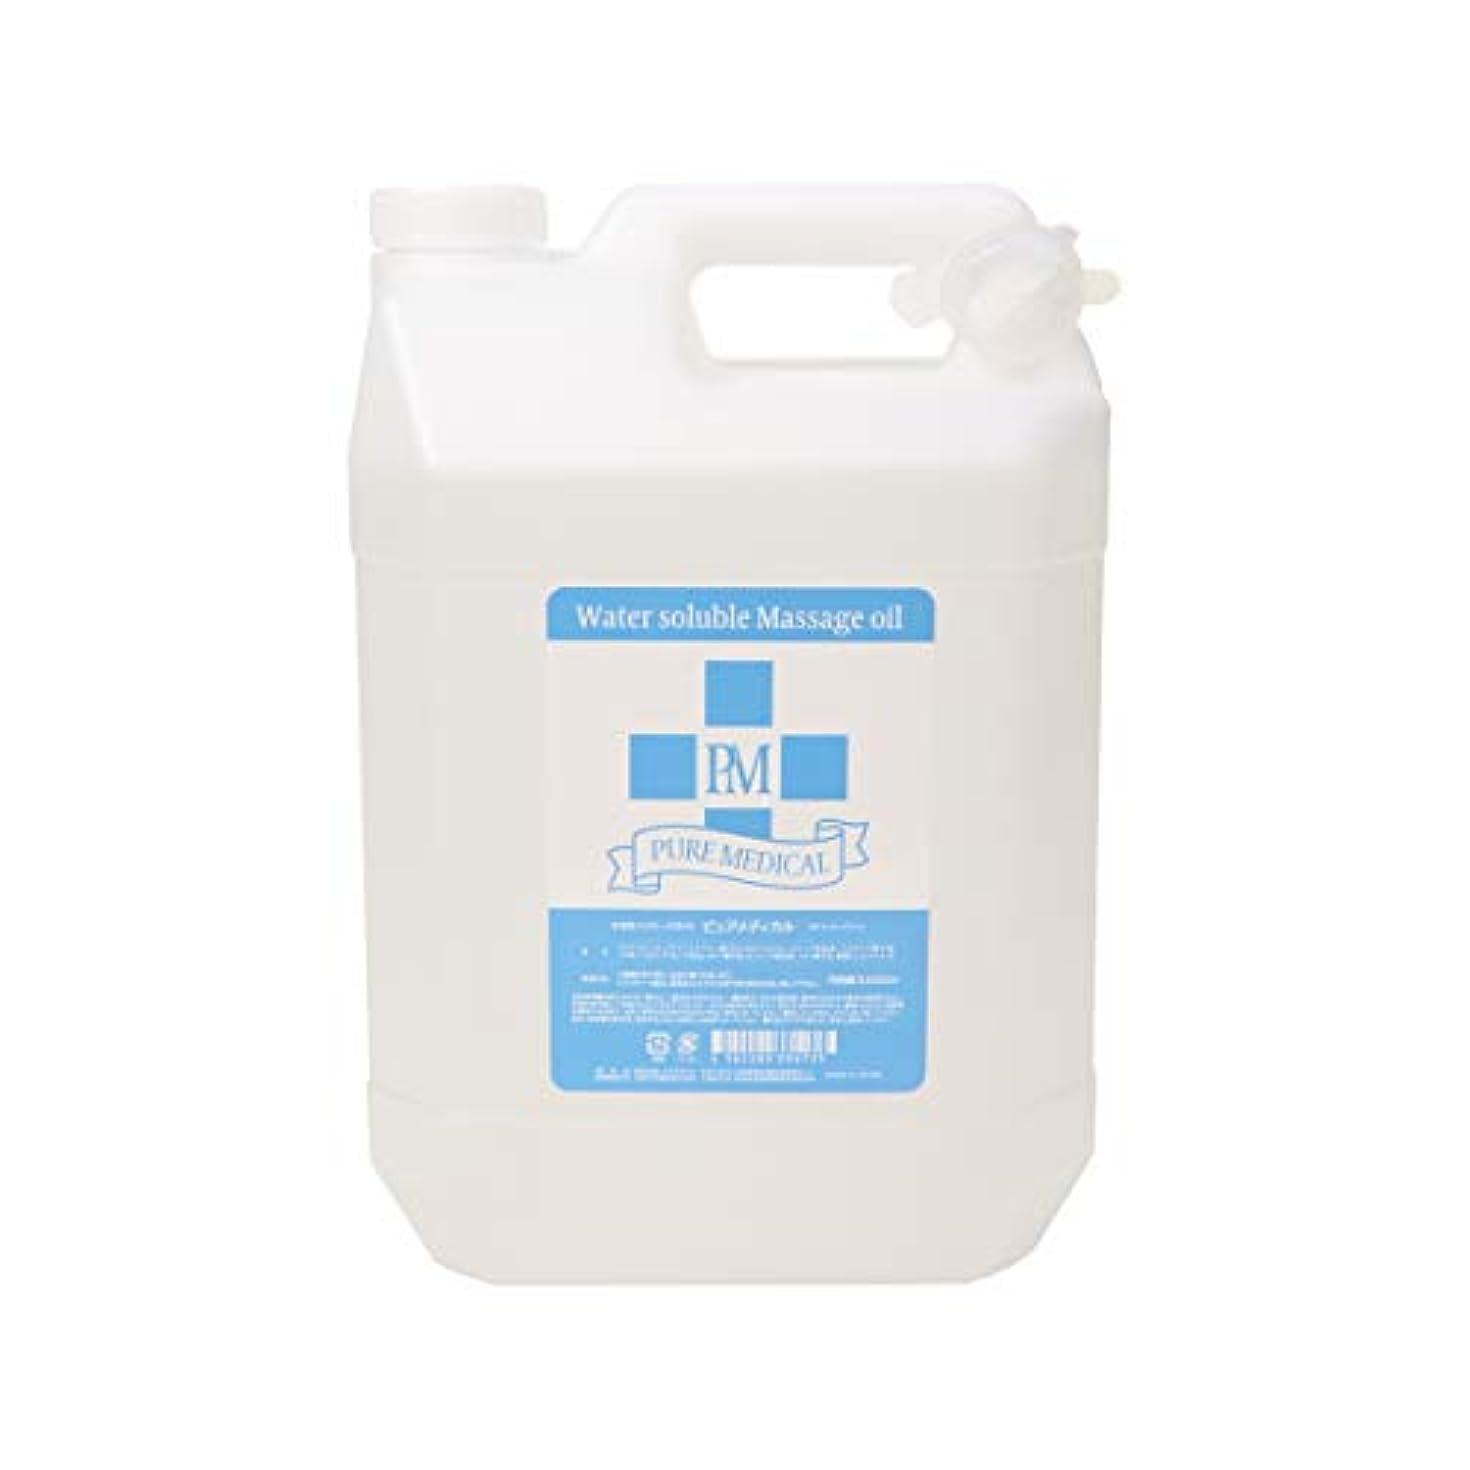 影響牛マーチャンダイジングPURE MEDICAL(ピュアメディカル) 水溶性マッサージオイル 5L マッサージオイル ボディオイル PM 無香料 日本製 業務用 ボディ用